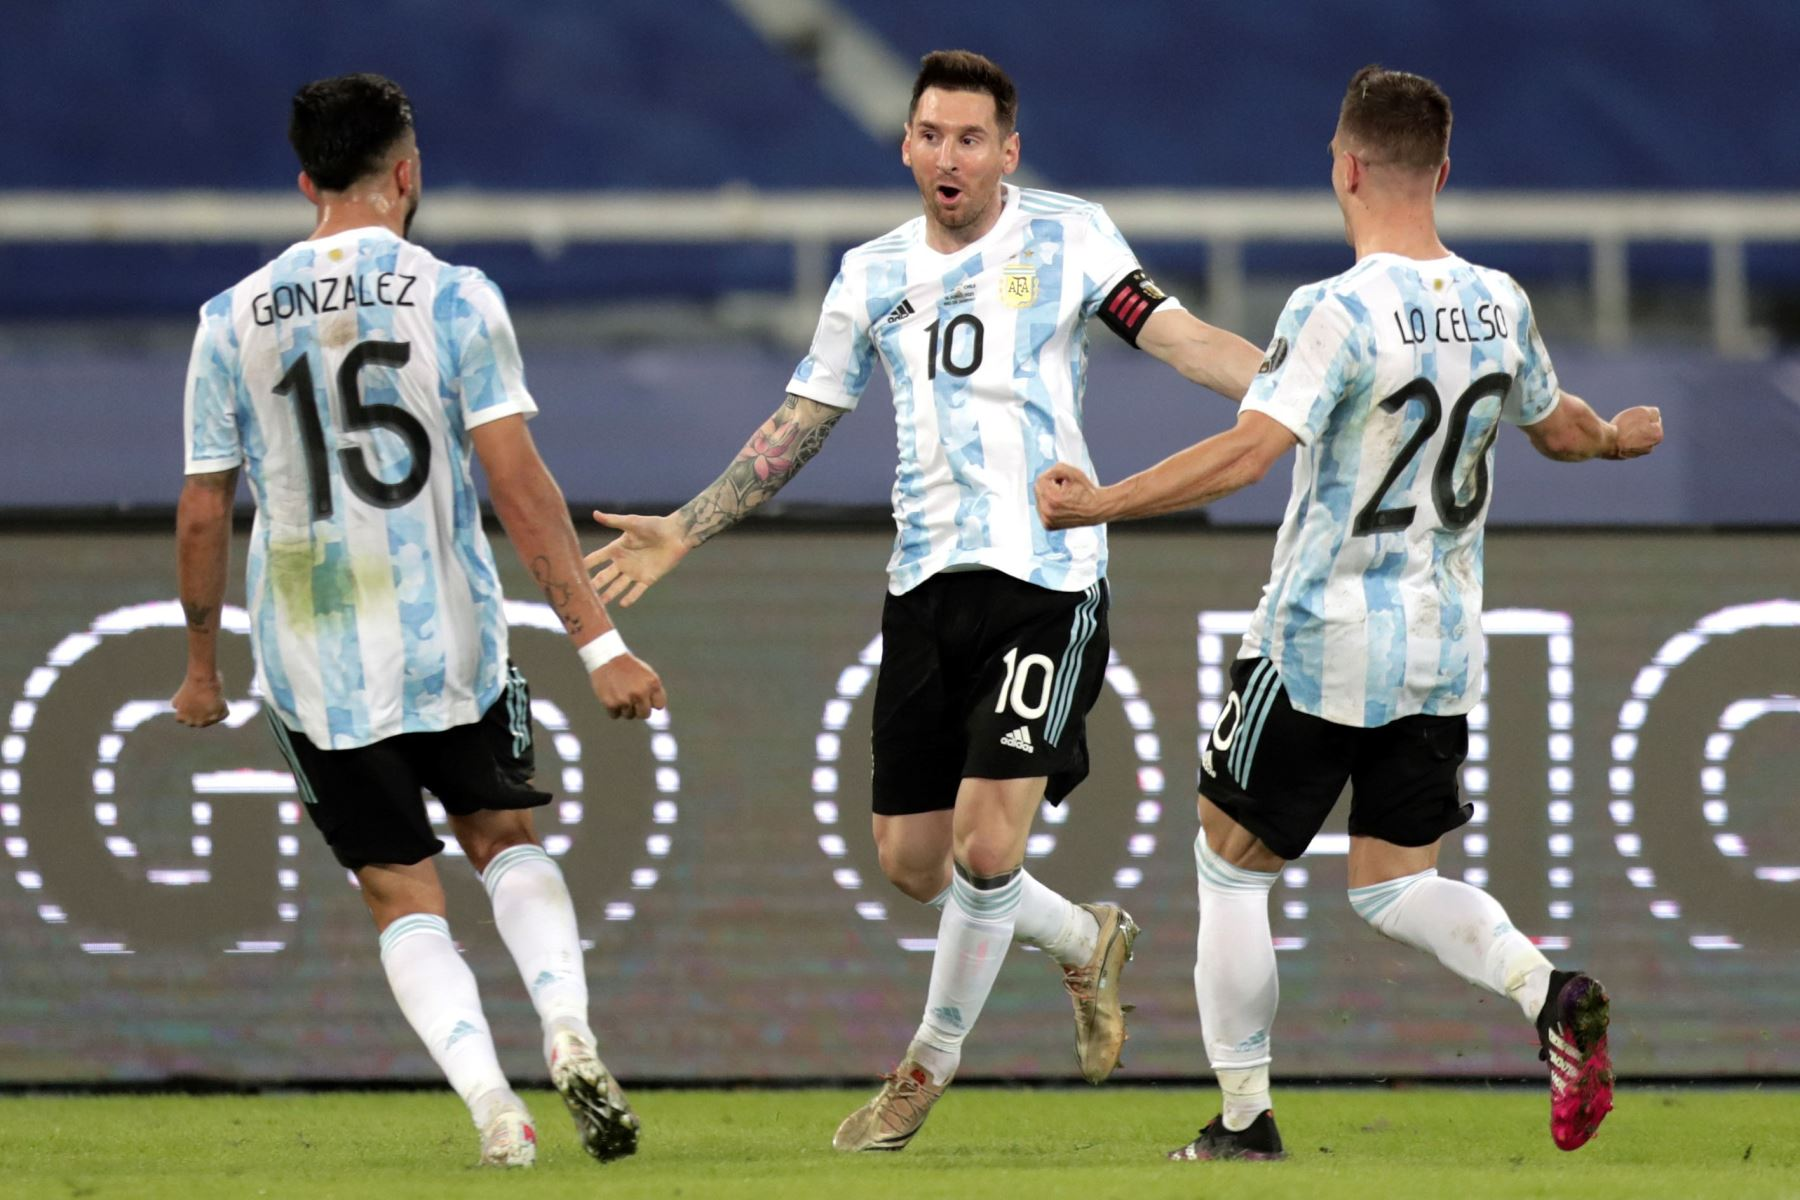 Lionel Messi de Argentina celebra un gol con sus compañeros Giovani Lo Celso y Nicolás González , en un partido del grupo B de la Copa América entre las selecciones de Argentina y Chile en el estadio Olímpico Nilton Santos en Río de Janeiro (Brasil).  Foto: EFE